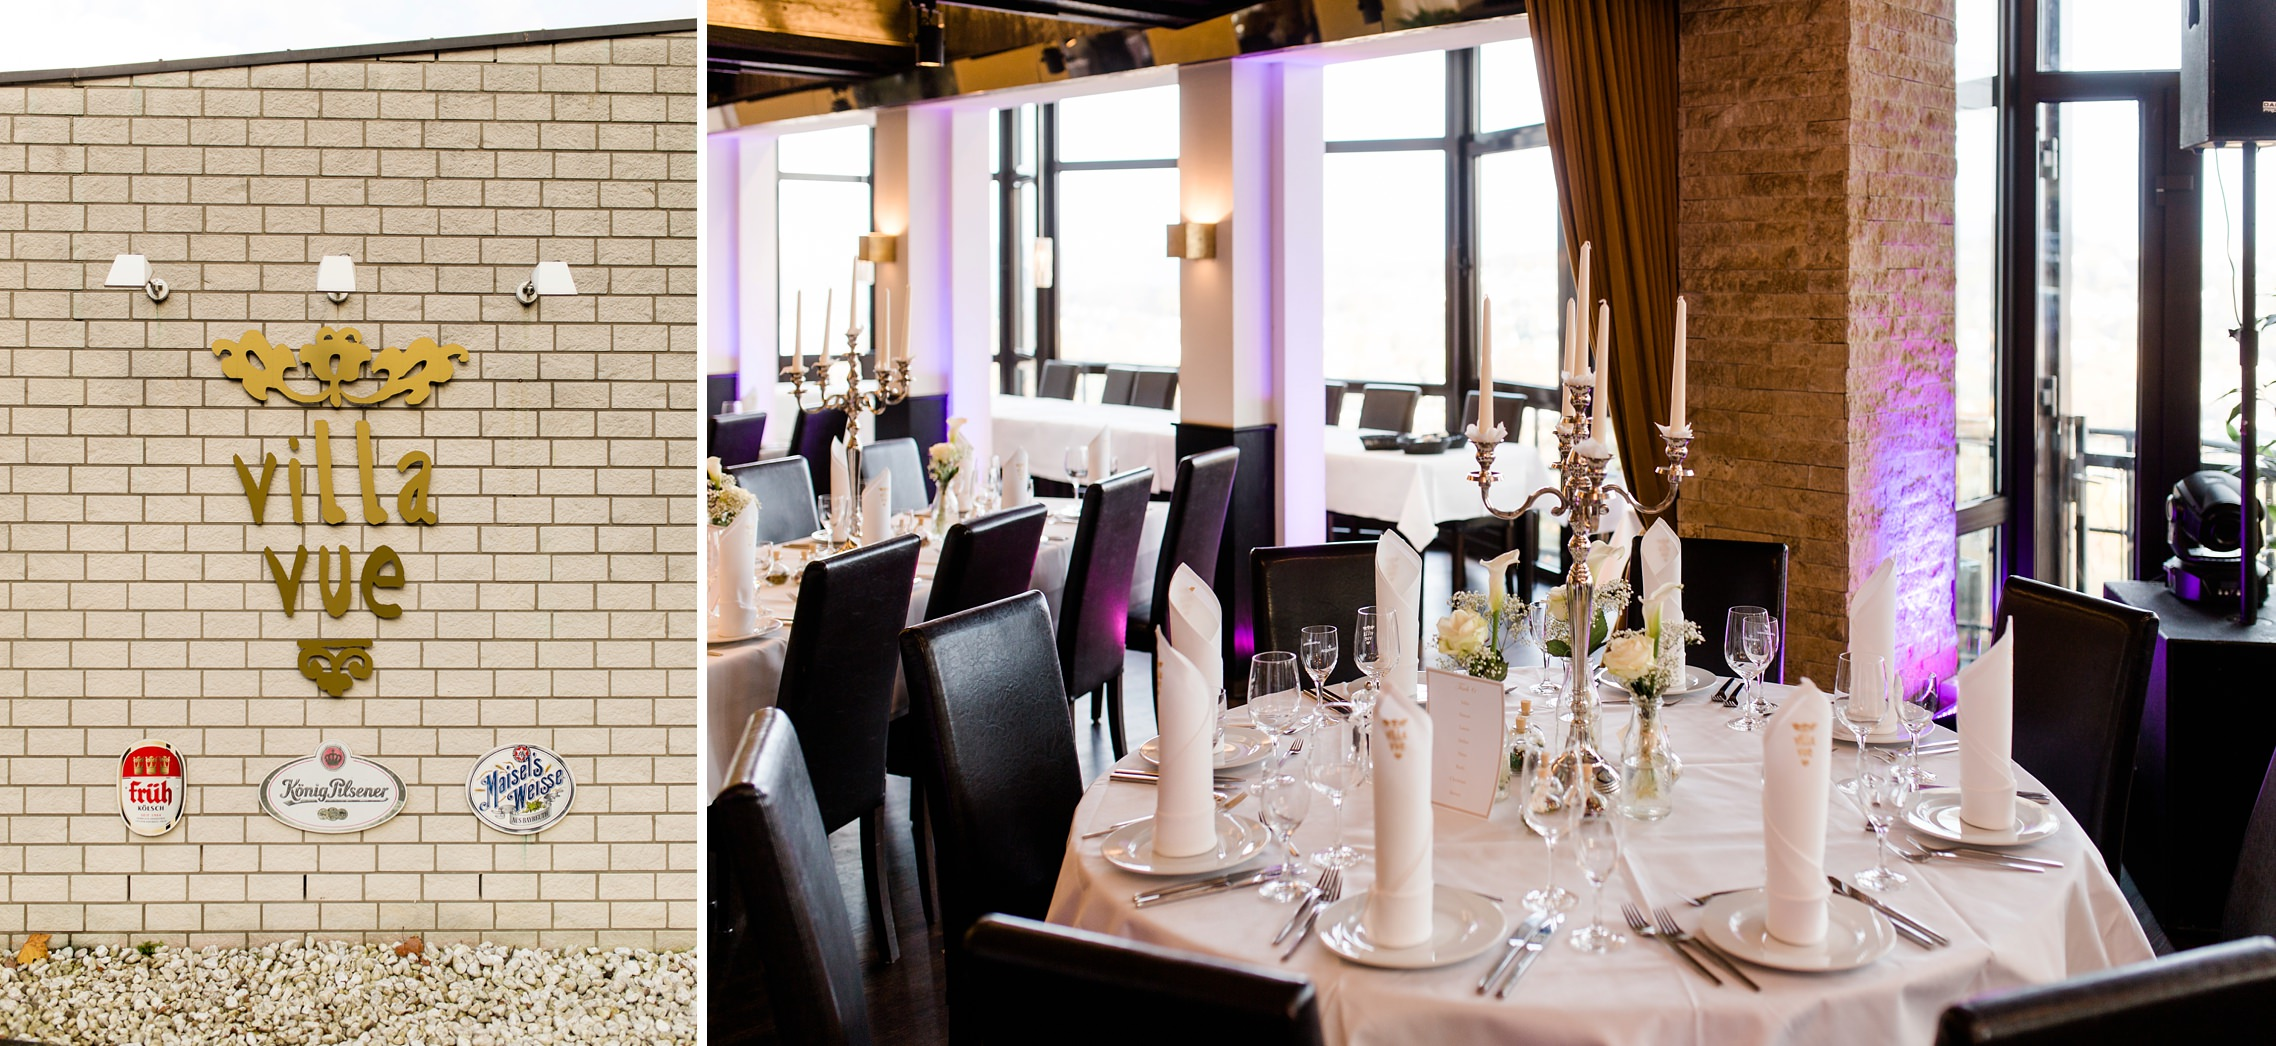 Die Villa Vue in Essen ist für die Hochzeitsfeier hergerichtet und die Tische festlich gedeckt